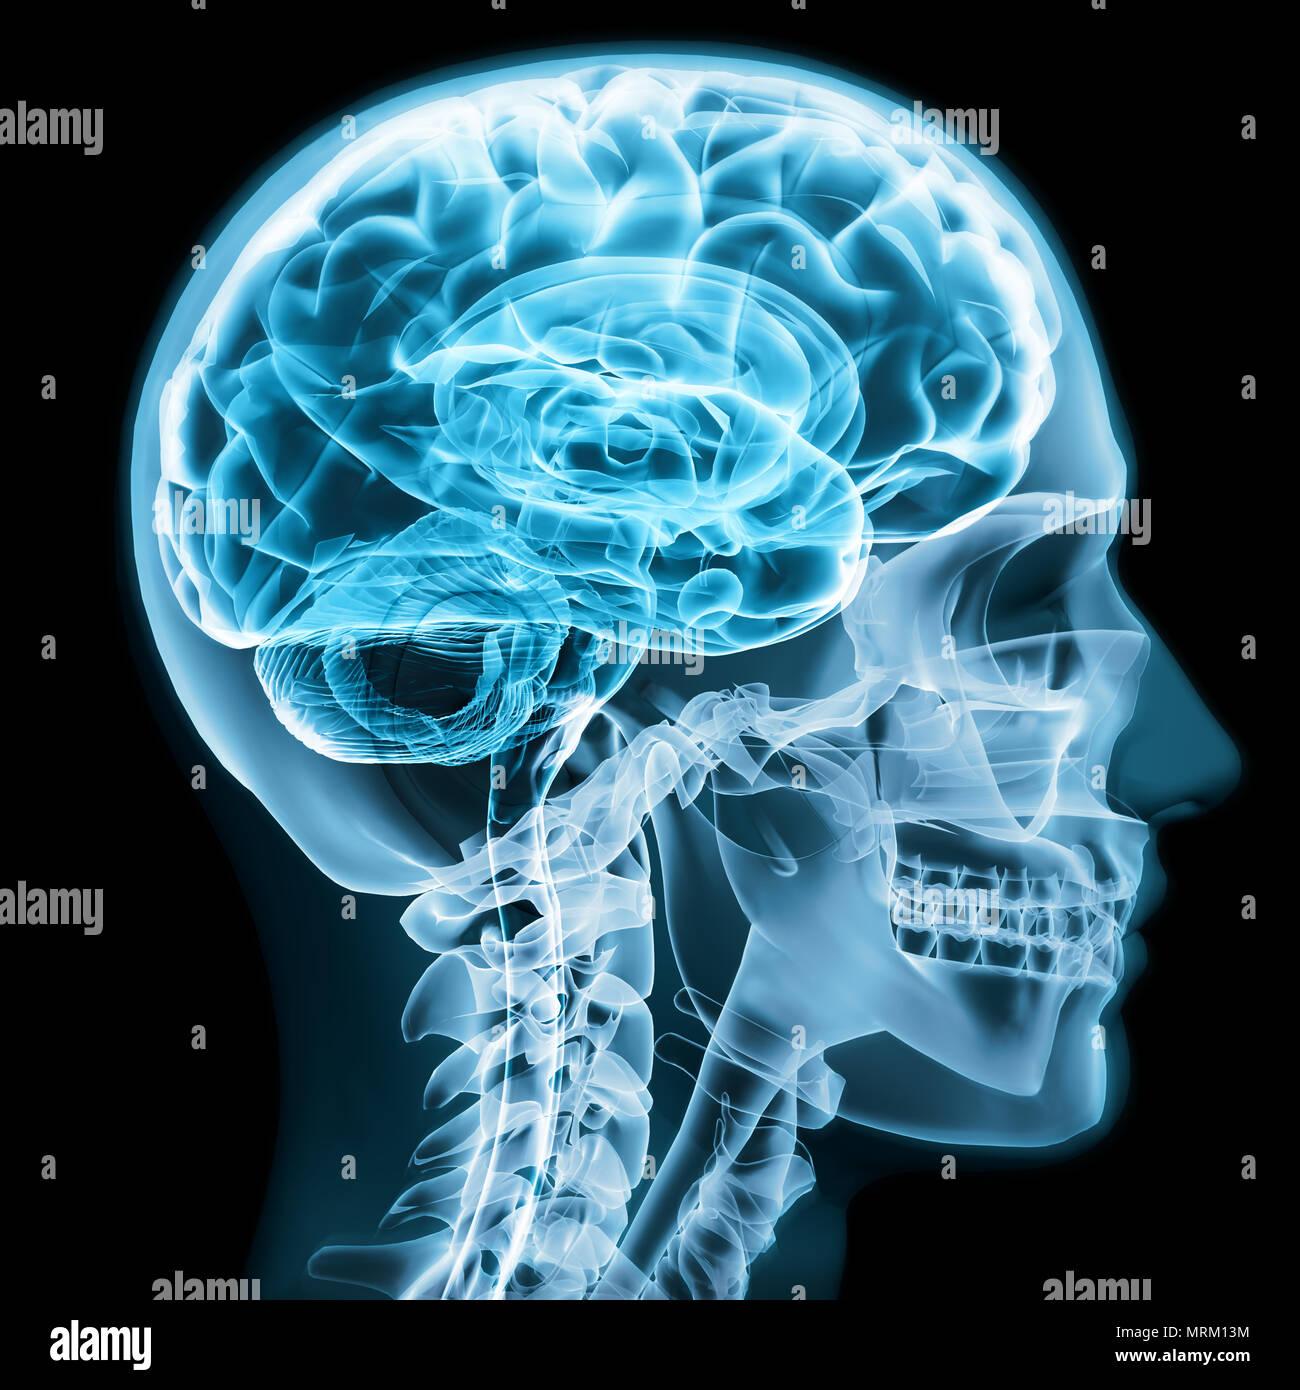 neurology neurosurgery stock photos amp neurology